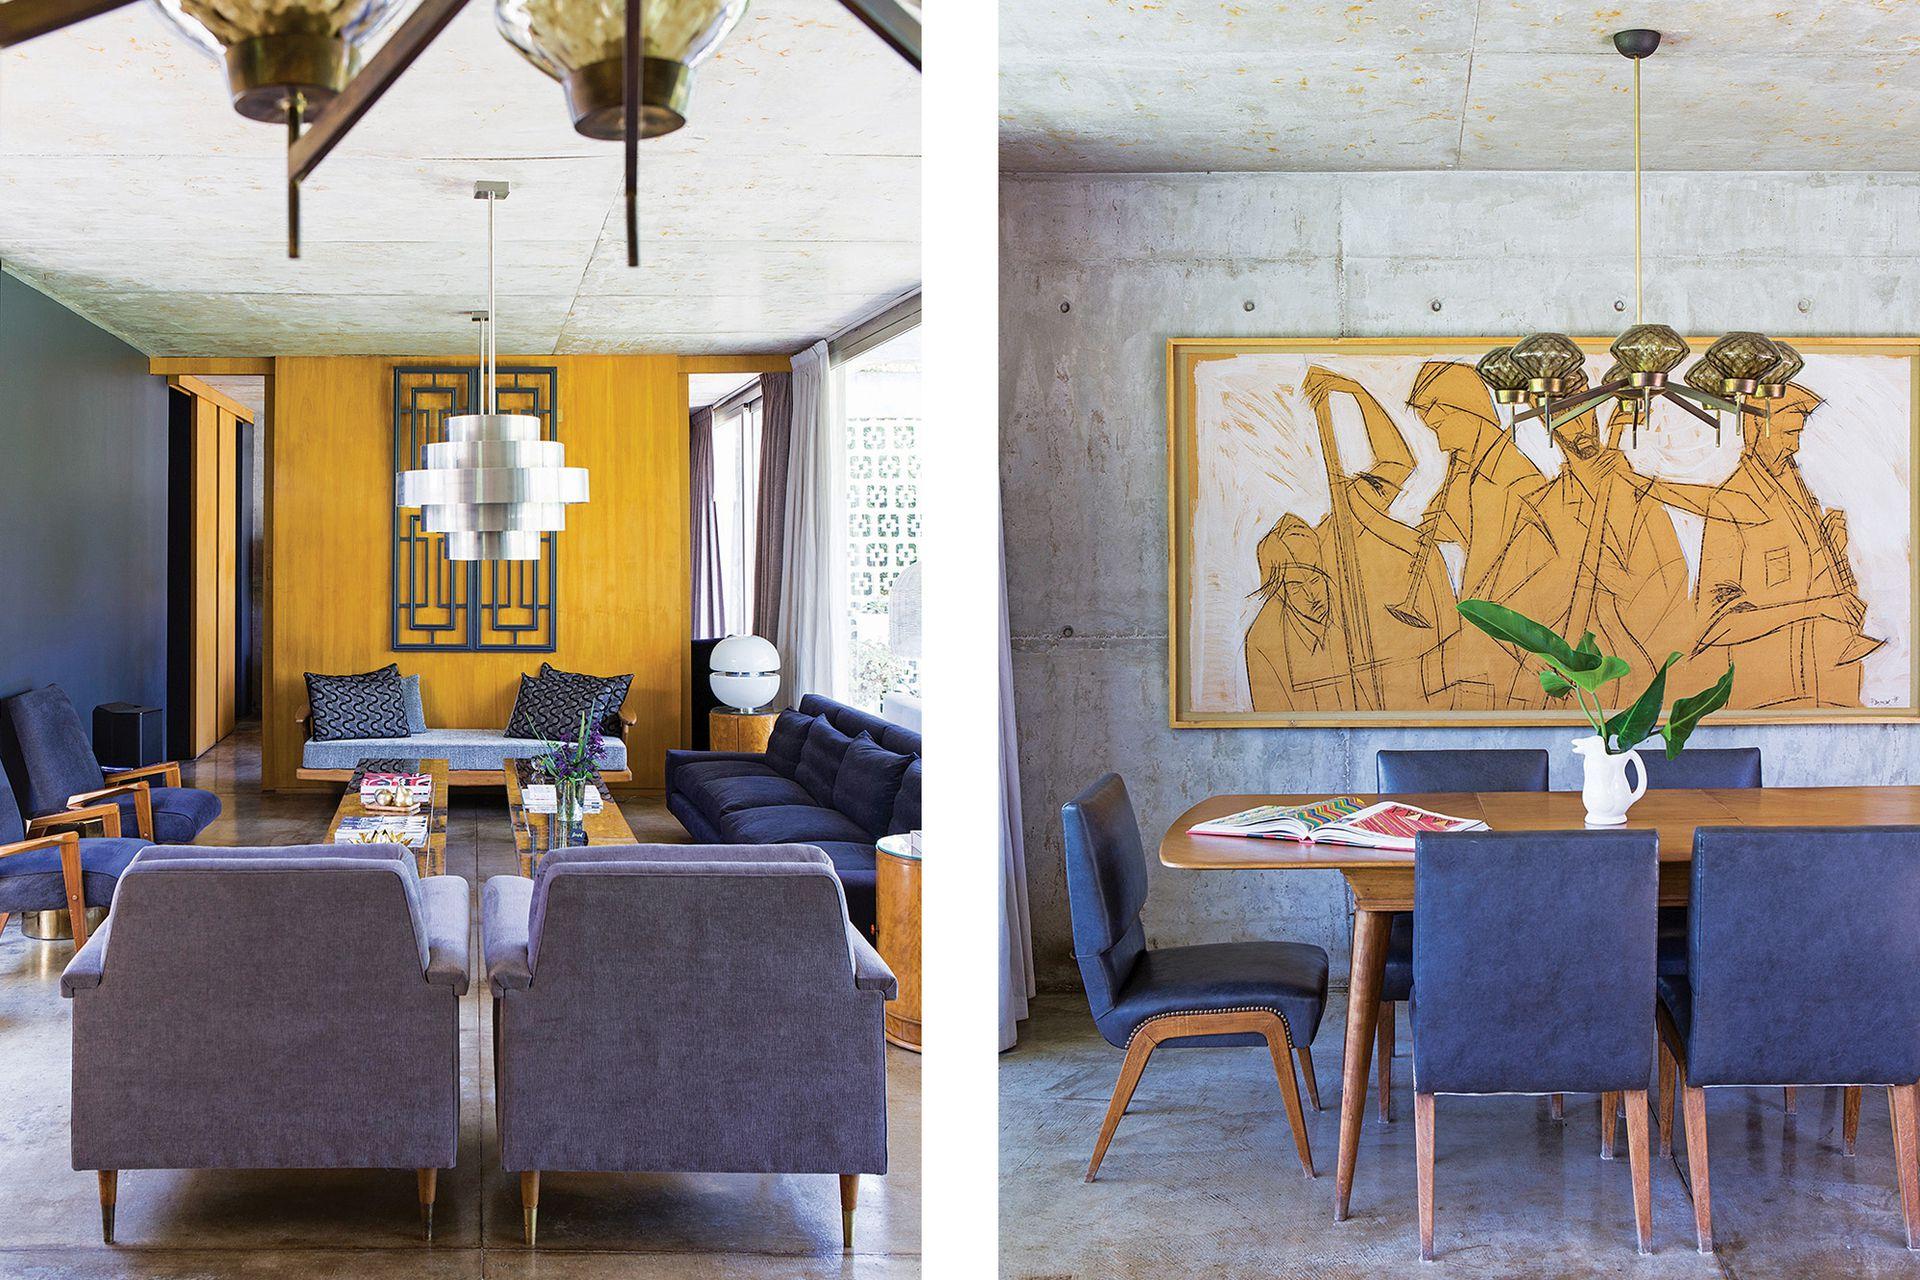 Contra el ventanal, sofá años 70 (Chez Carolaine Decor) enfrentado a dos asientos con apoyabrazos de madera muy fifties (regalo de un amigo).